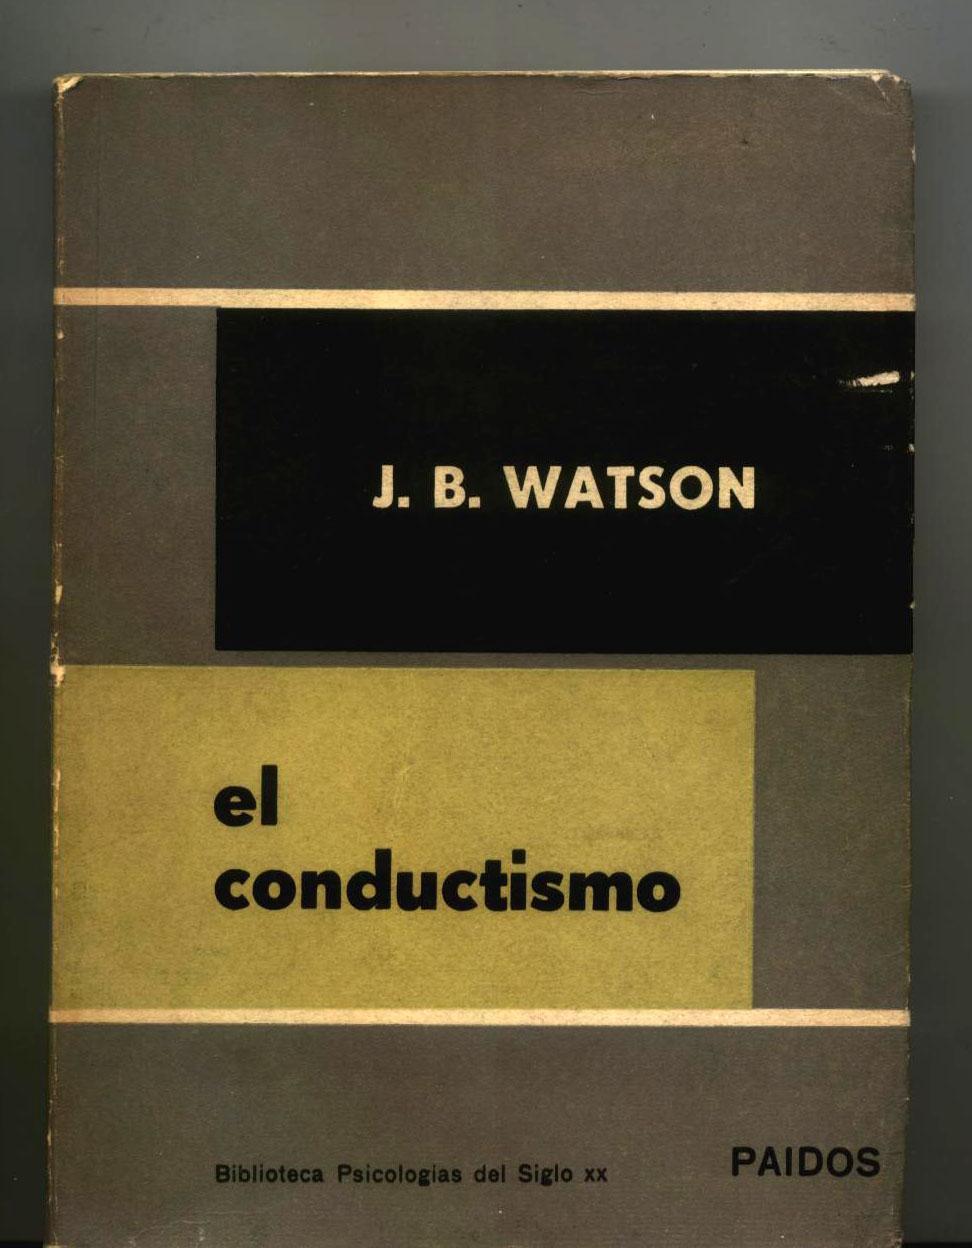 EL CONDUCTISMO. La batalla del conductismo: J. B. Watson